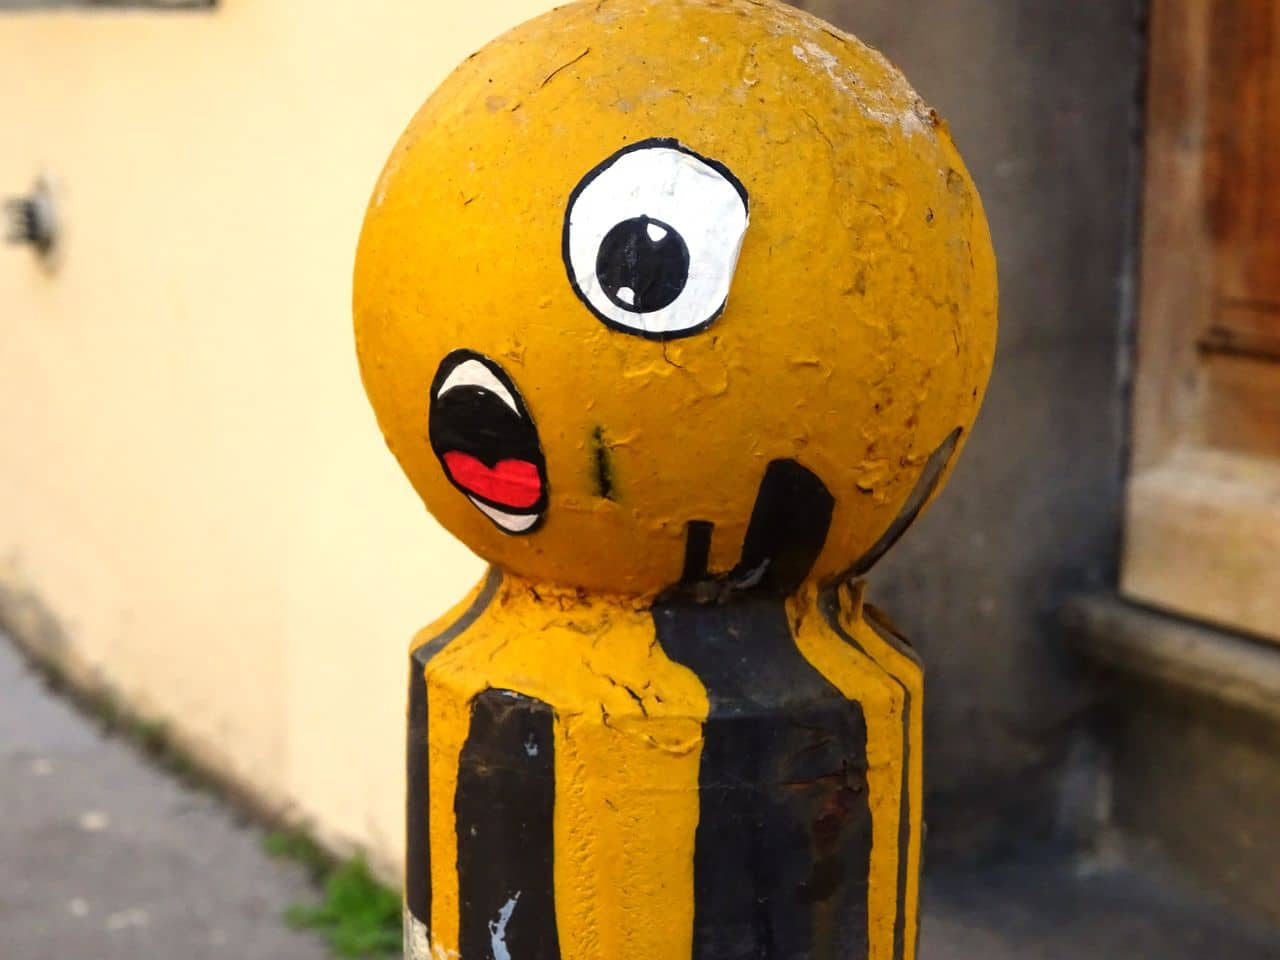 cal art urbain lyon